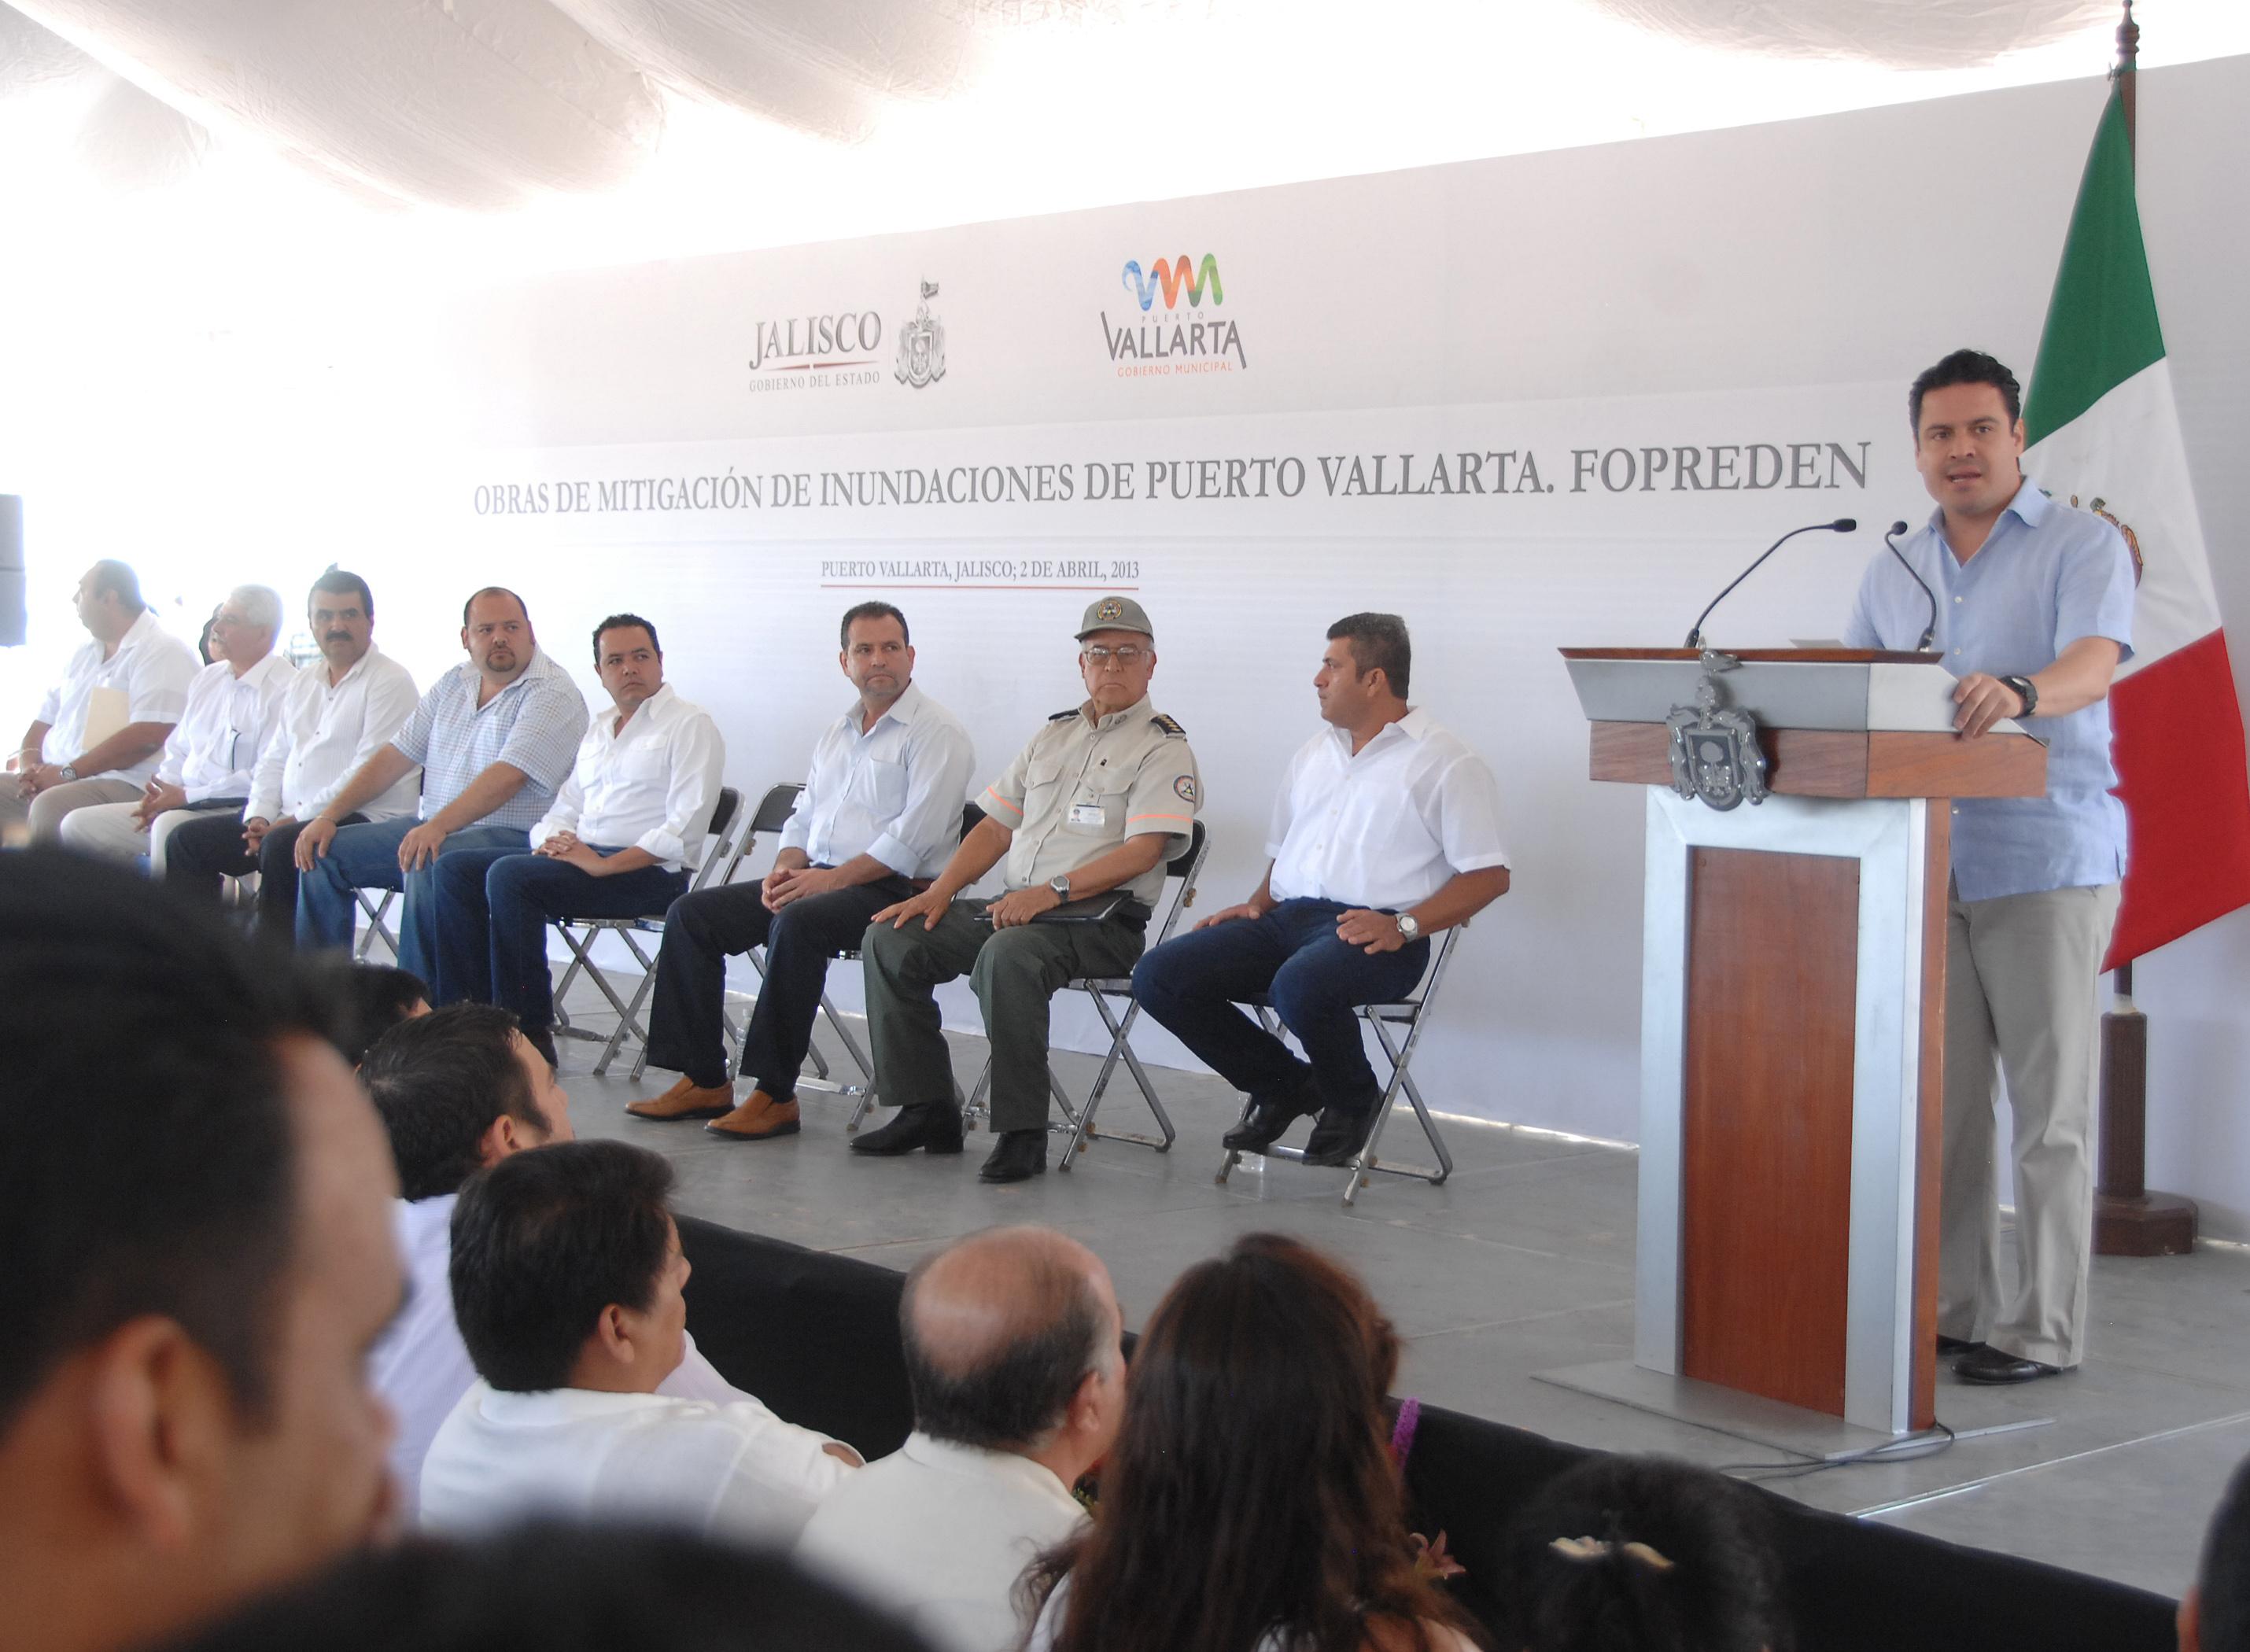 Invertirá Jalisco 34 mdp en obras en Vallarta